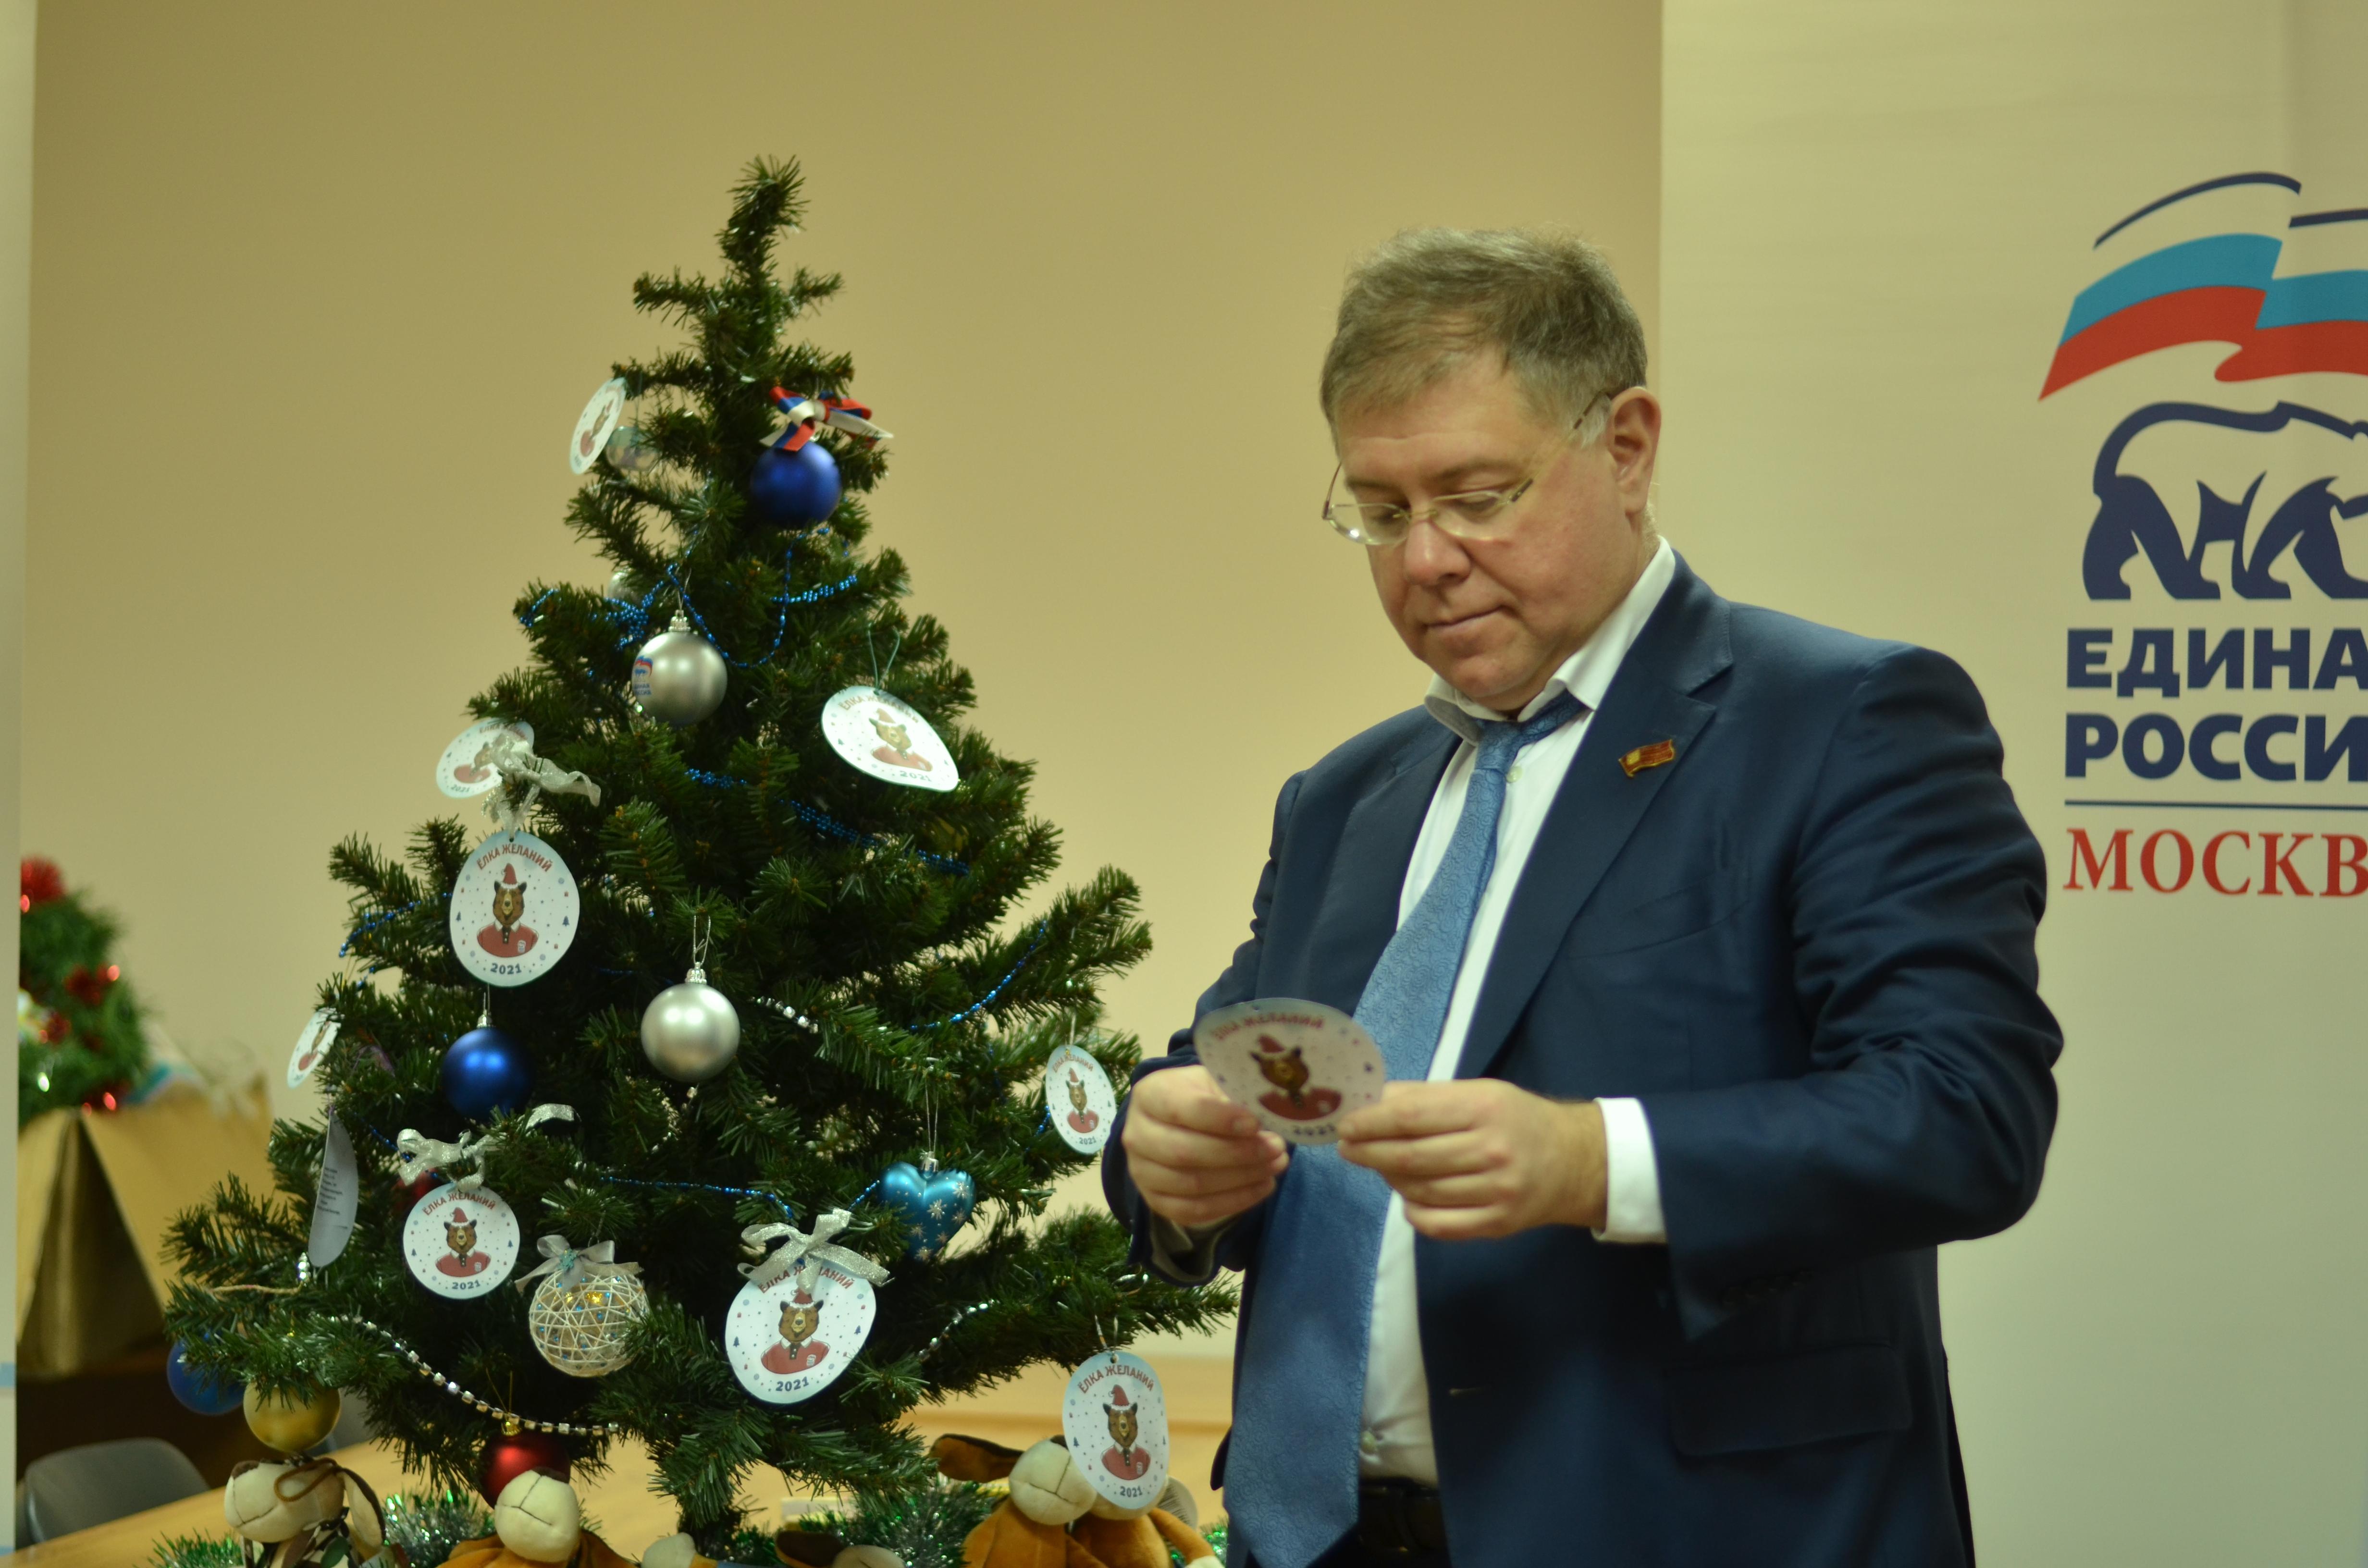 Депутат Мосгордумы Степан Орлов принял участие в новогодней акции